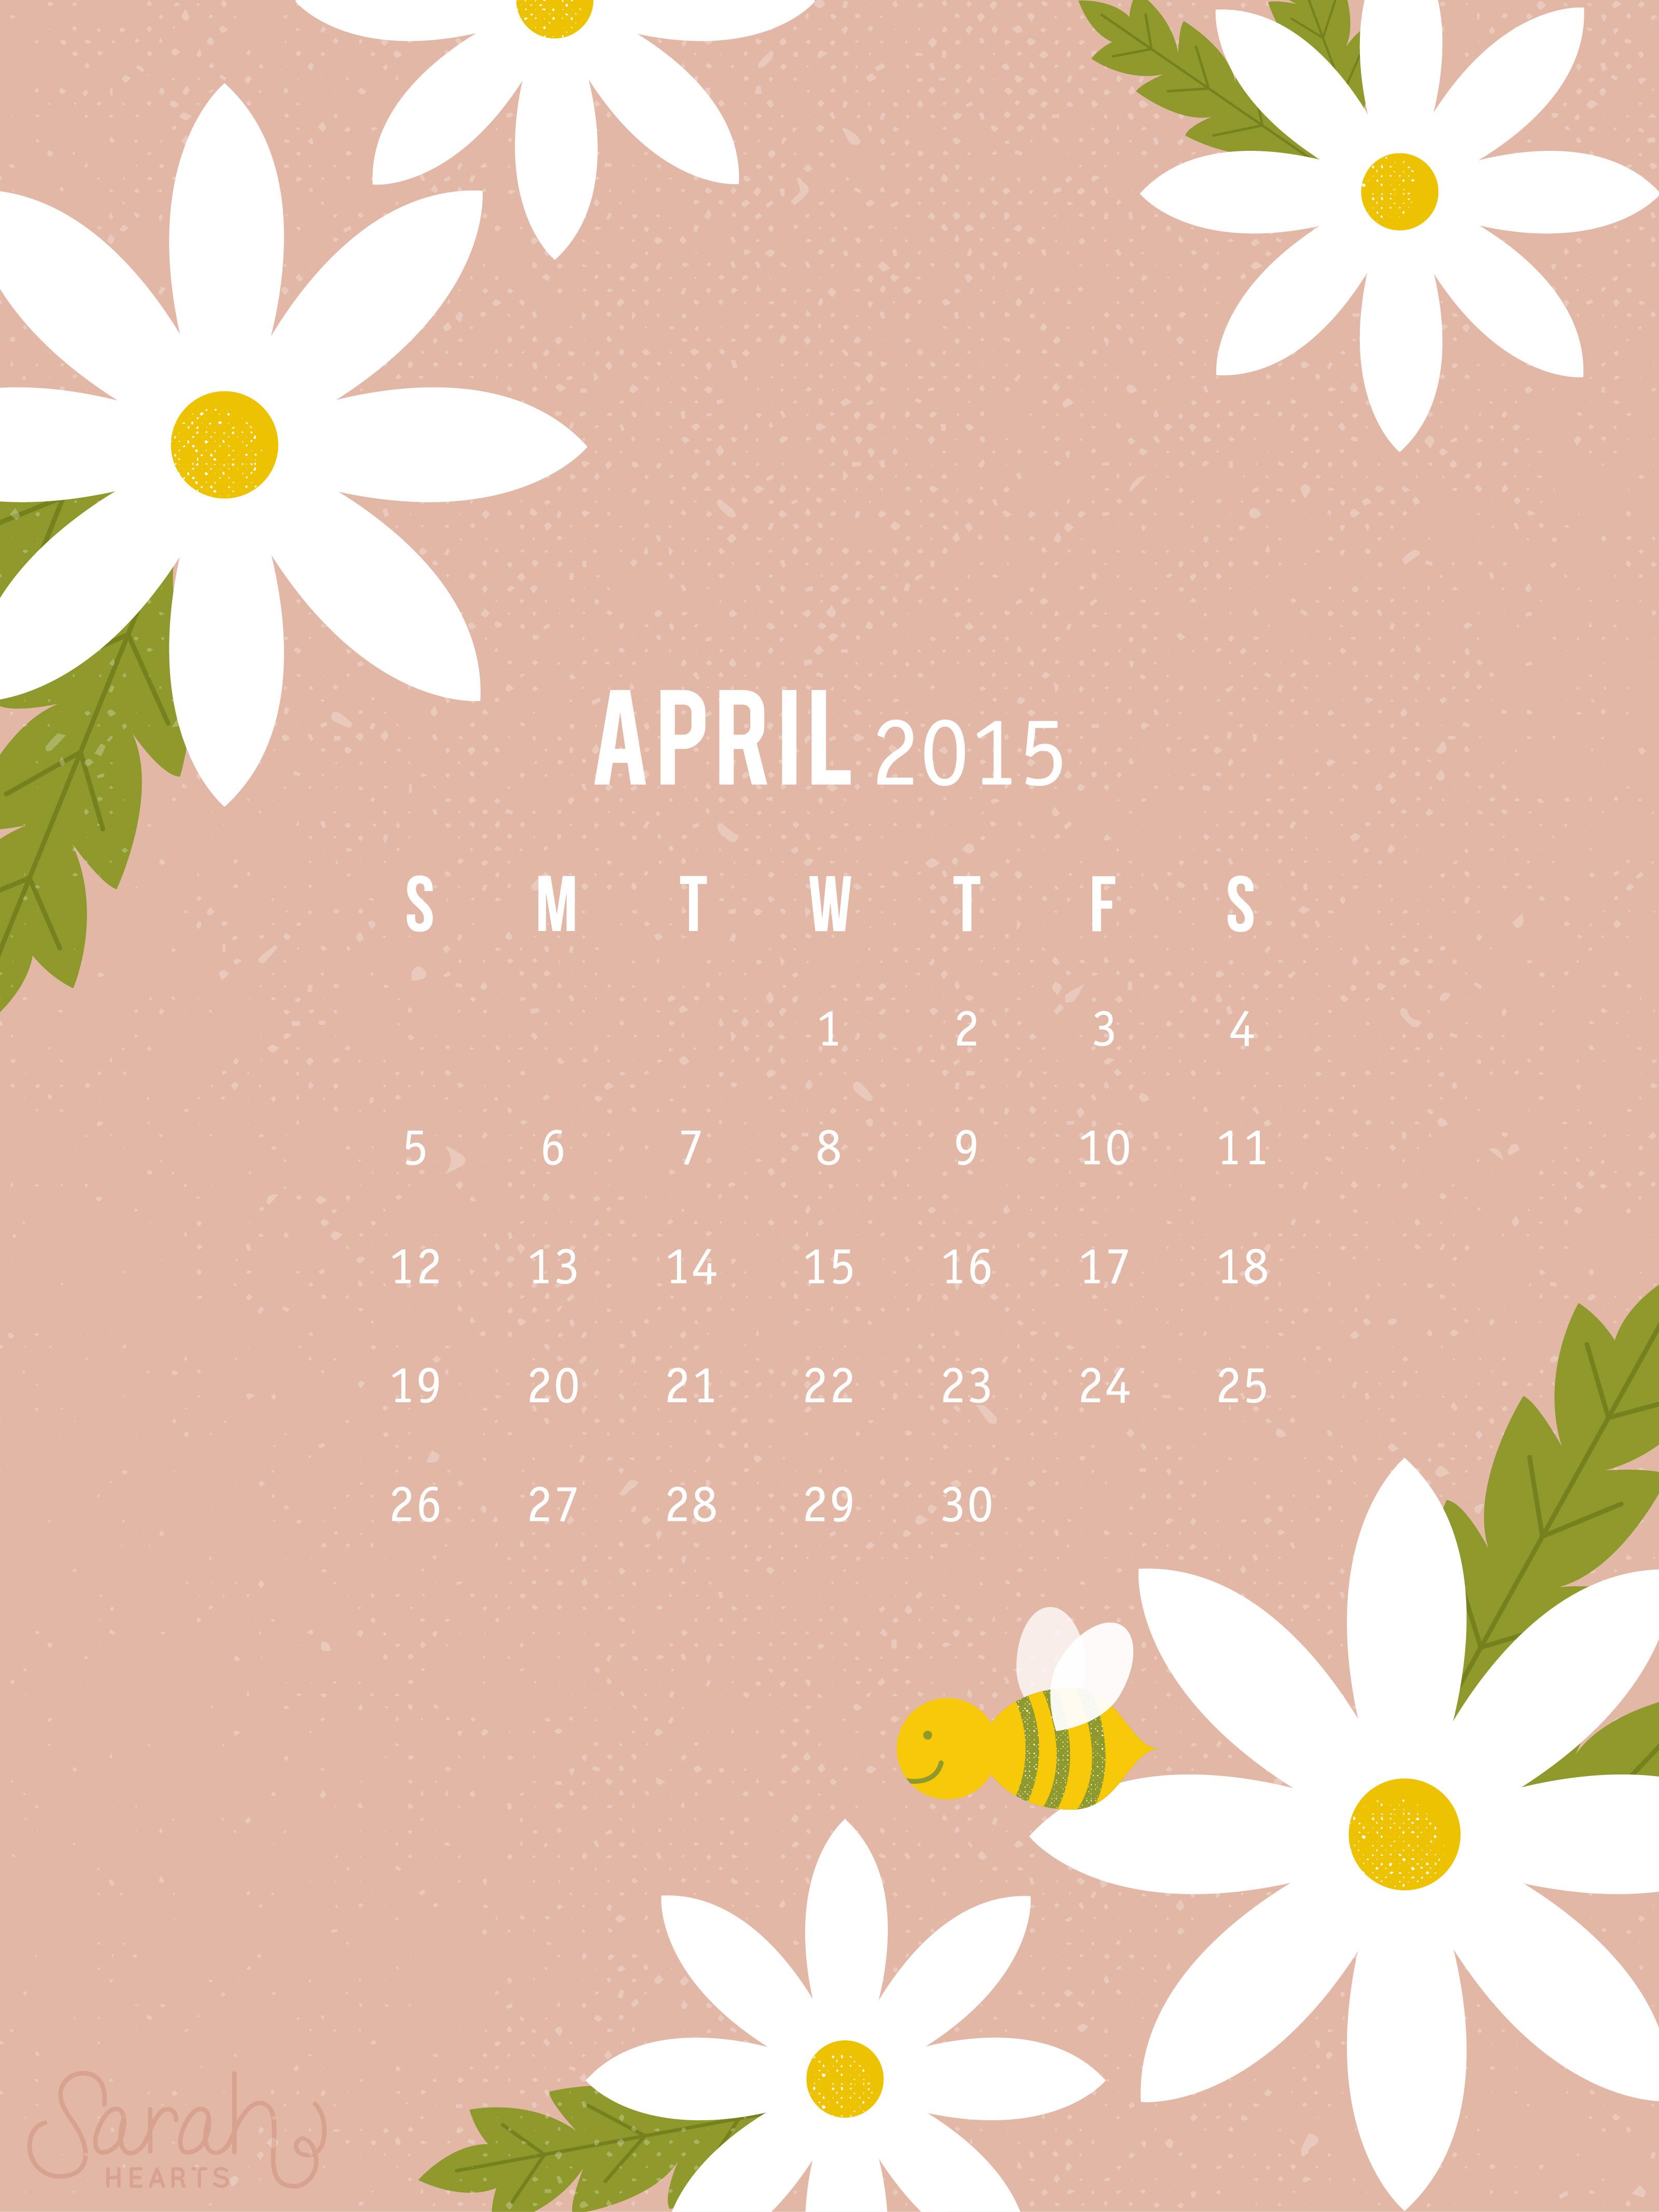 April Calendar Desktop Wallpaper : April calendar wallpaper sarah hearts